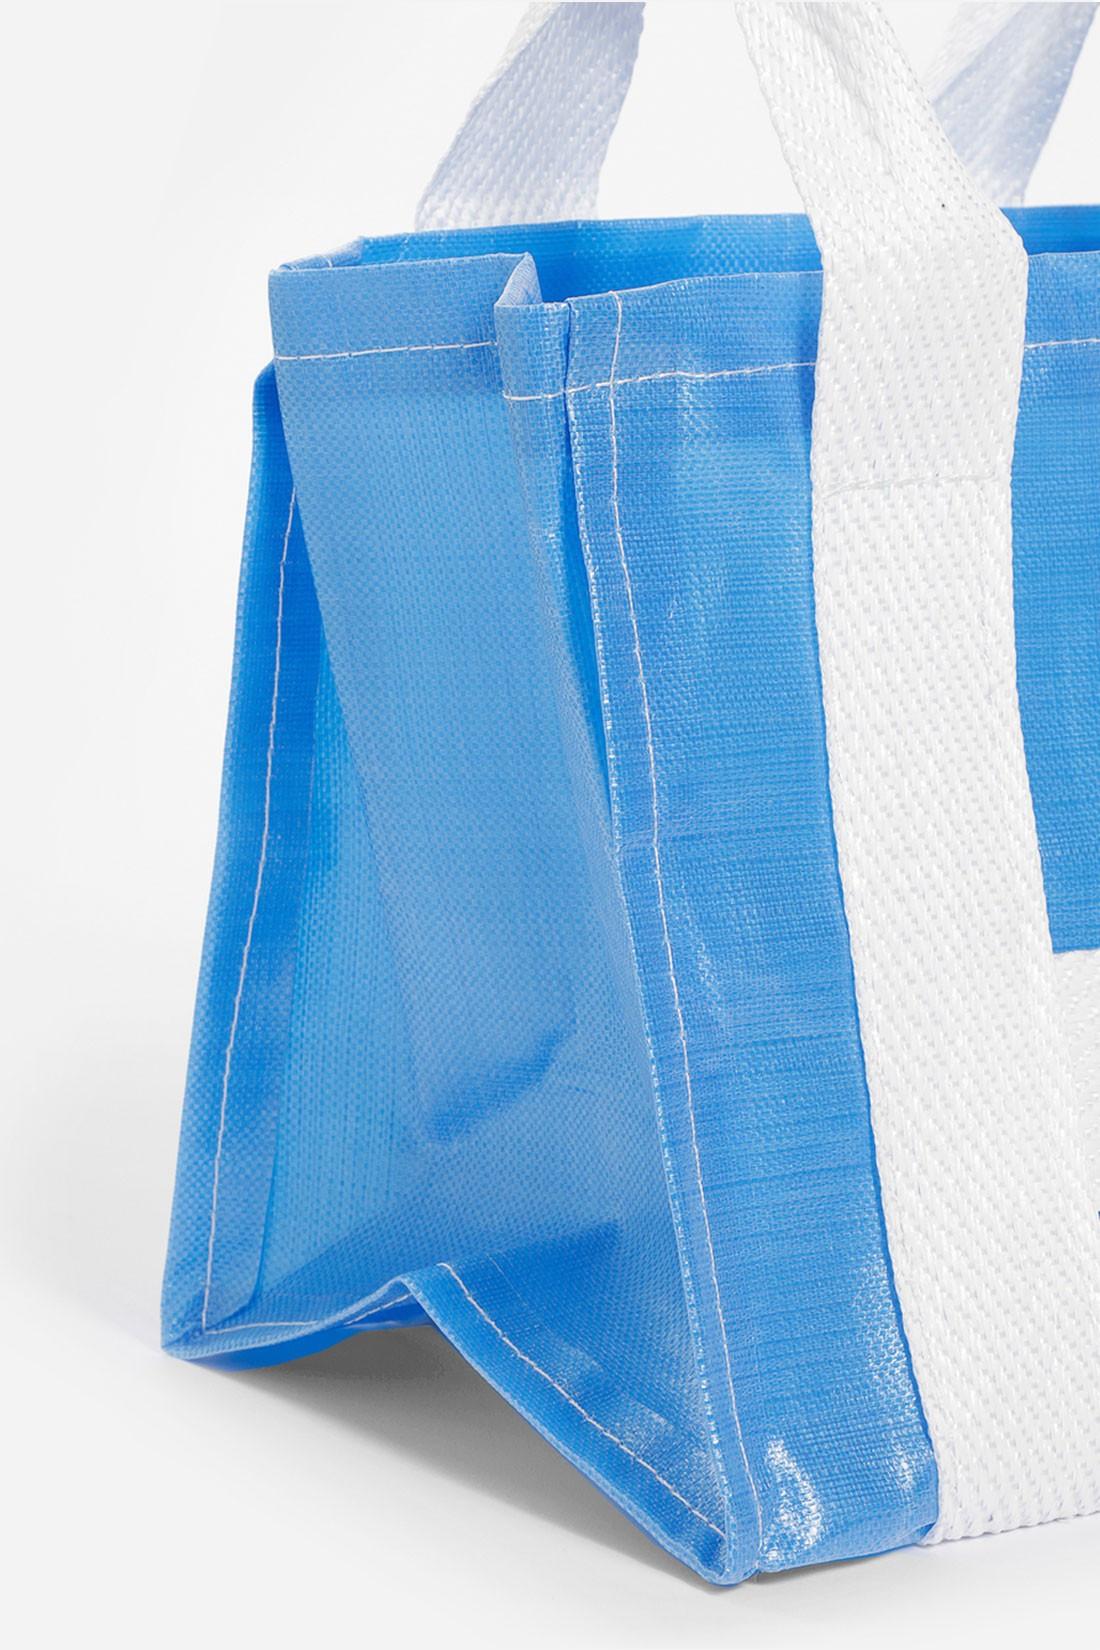 COMME DES GARÇONS SHIRT / Cabas comme des garcons shirt Blue